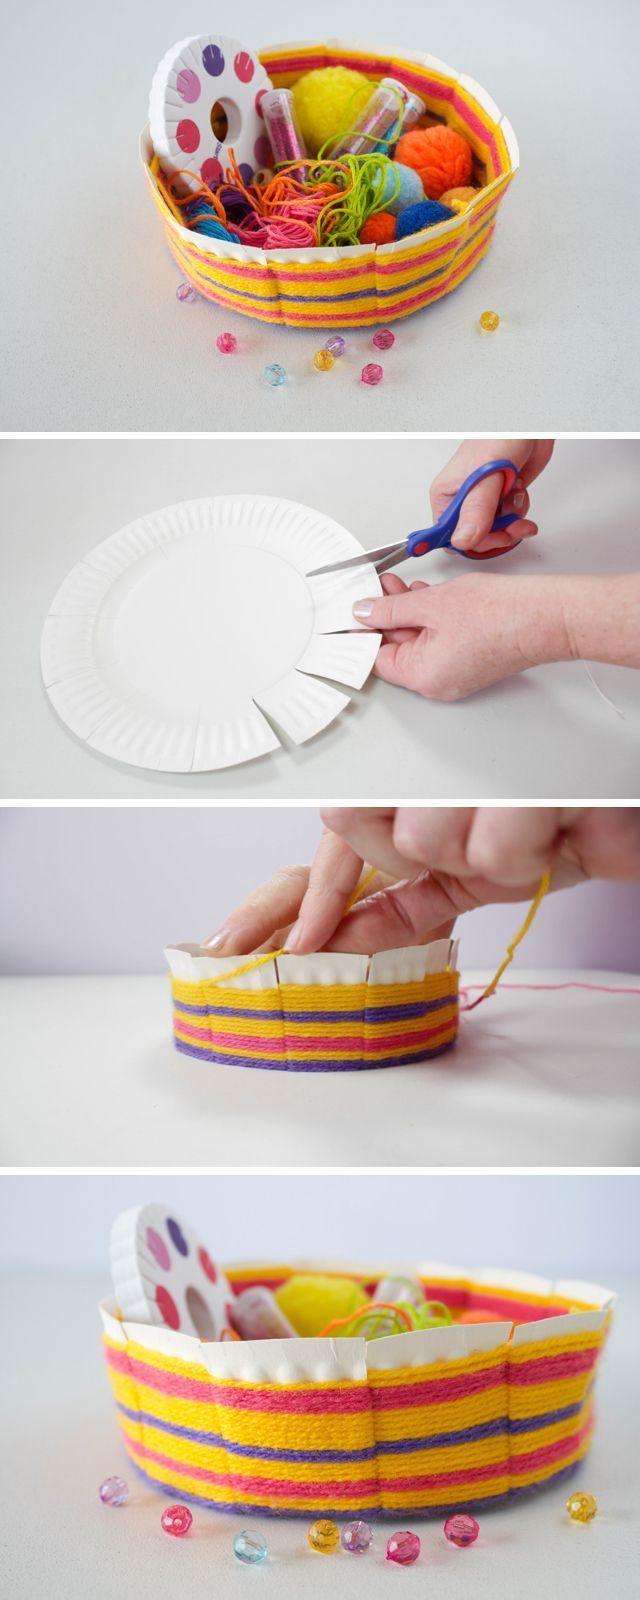 DIY Idee Für Ein Osterkorb: Papteller Mit Wolle Umweben   Eine Farbenfrohe  Bastelidee